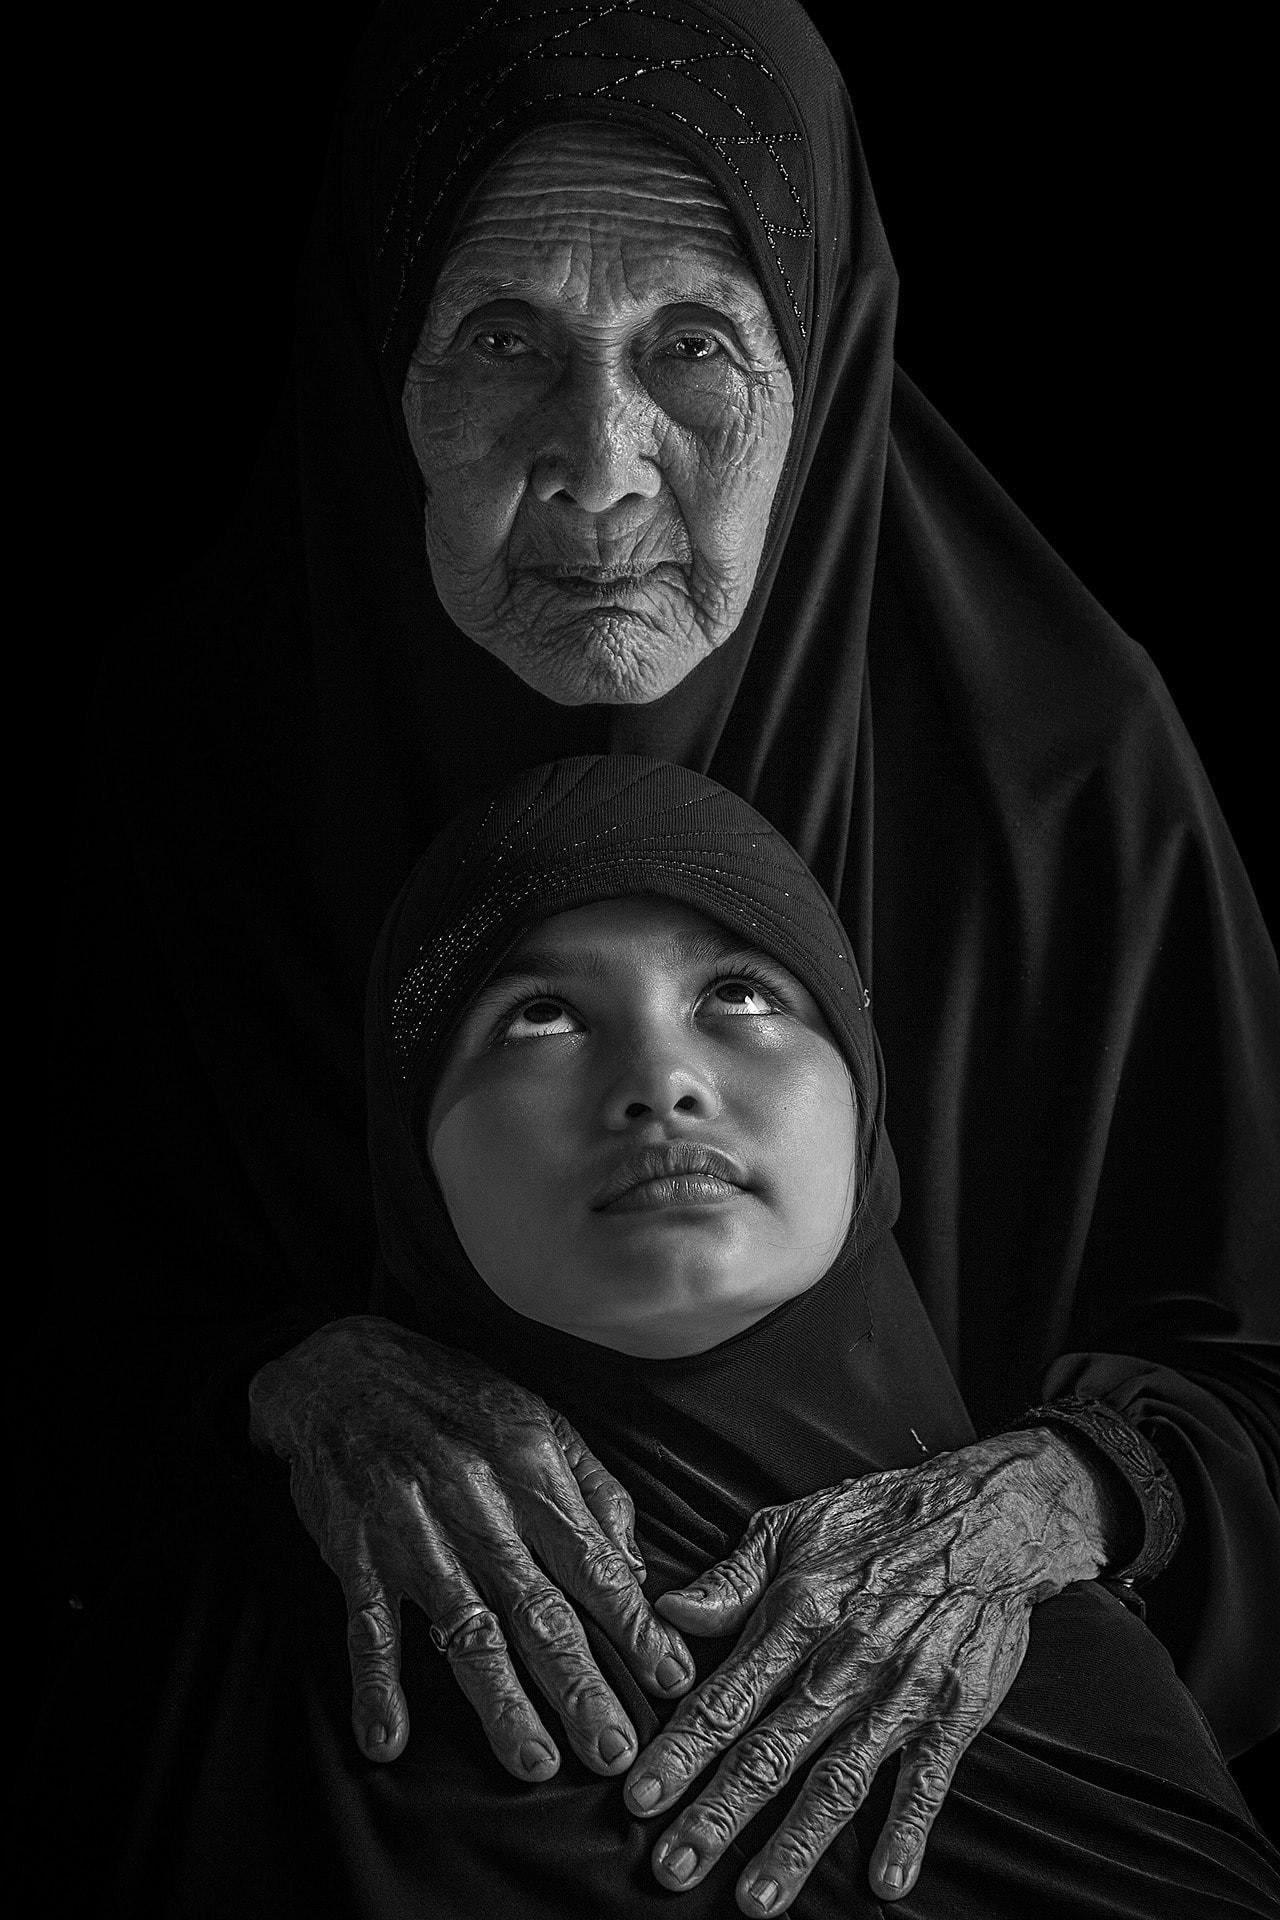 fotografía de una mujer mayor con una niña